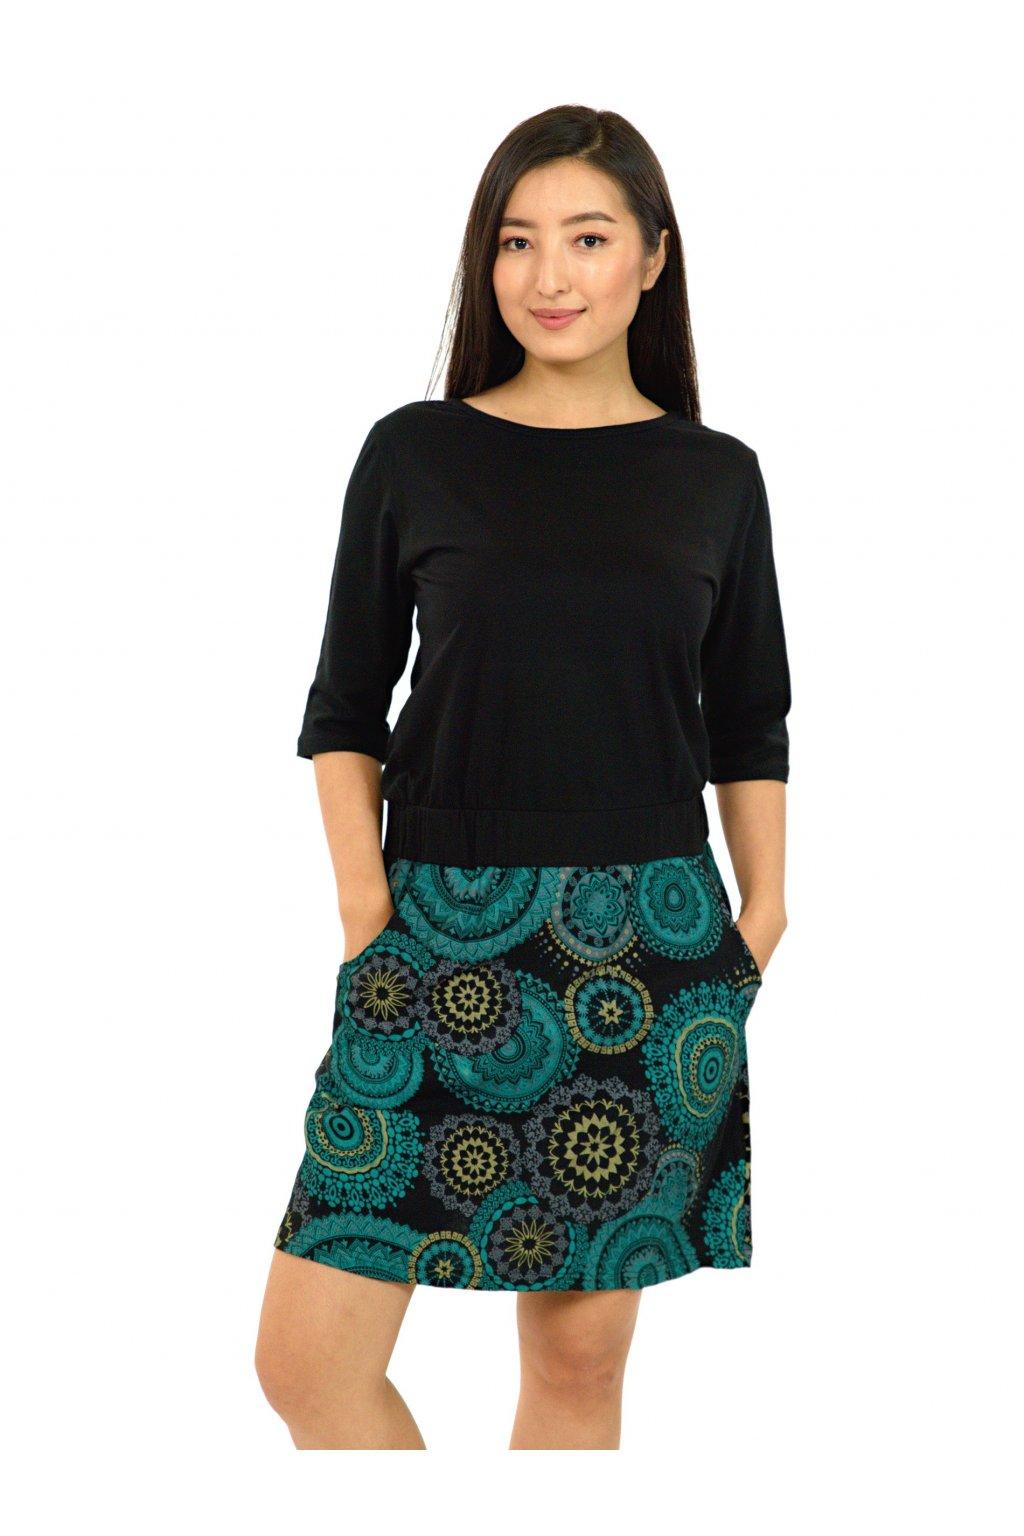 Šaty Kauai s 3/4 rukávem - černá s tyrkysovou